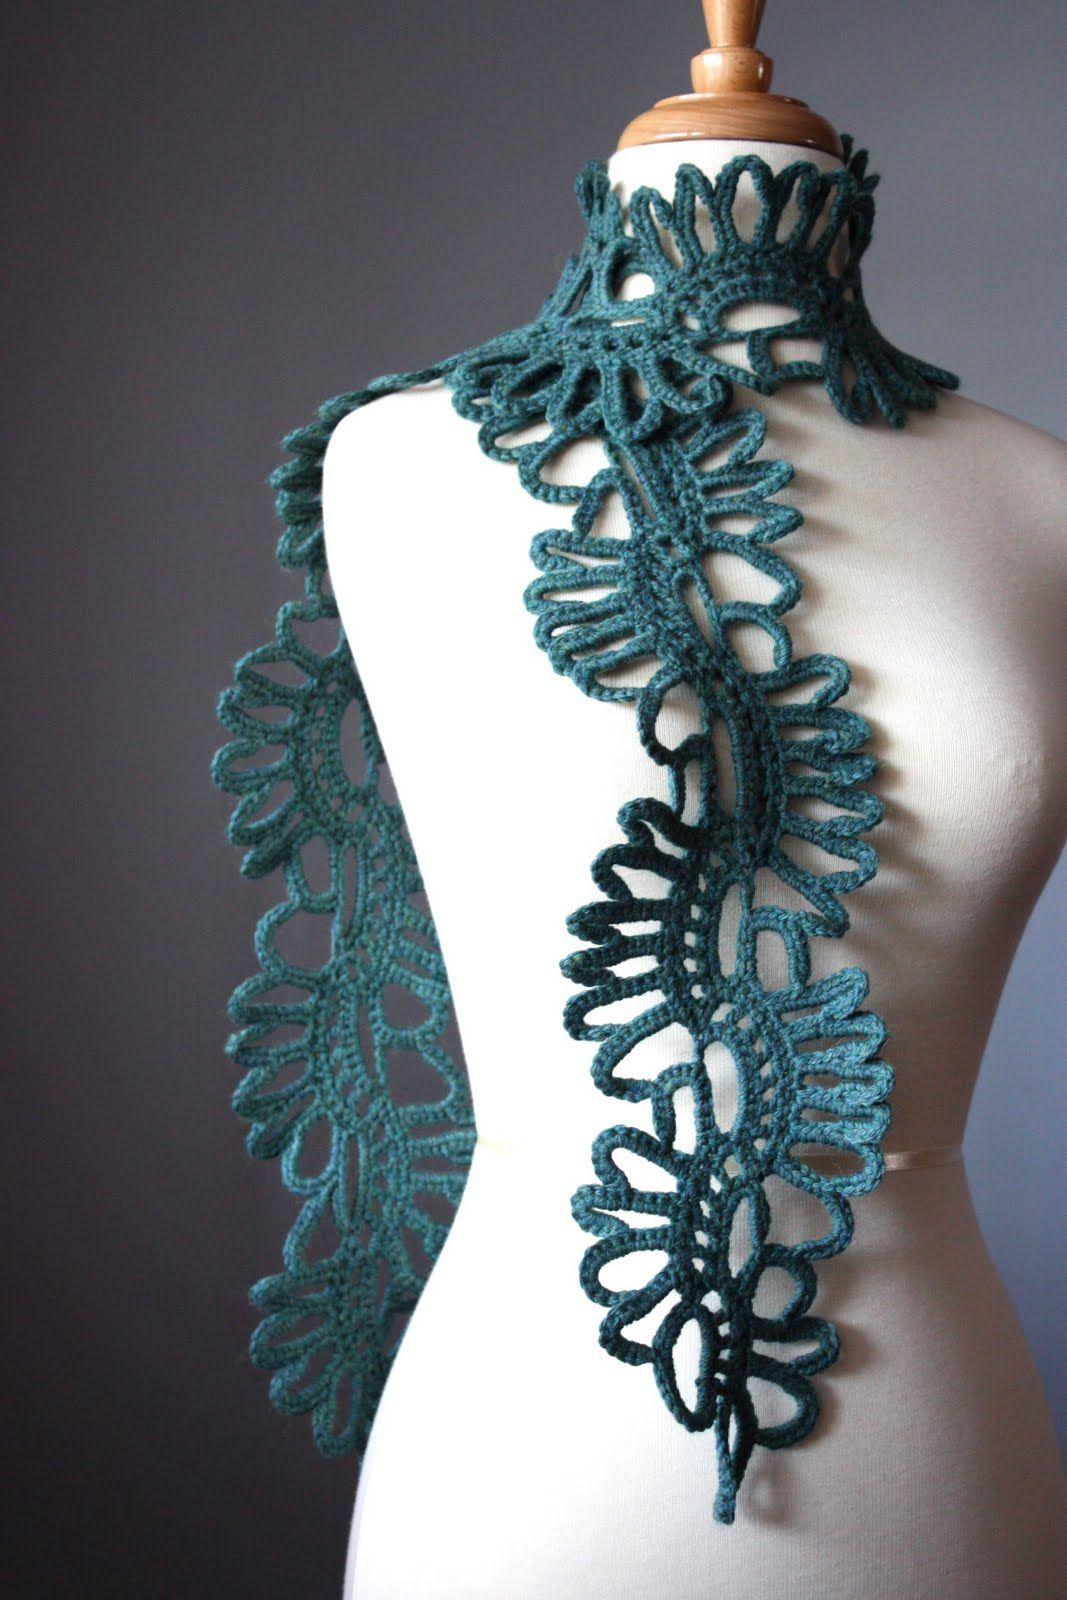 Fashioncrochet crochet fashion scarf pics crochet pinterest fashioncrochet crochet fashion scarf pics dt1010fo